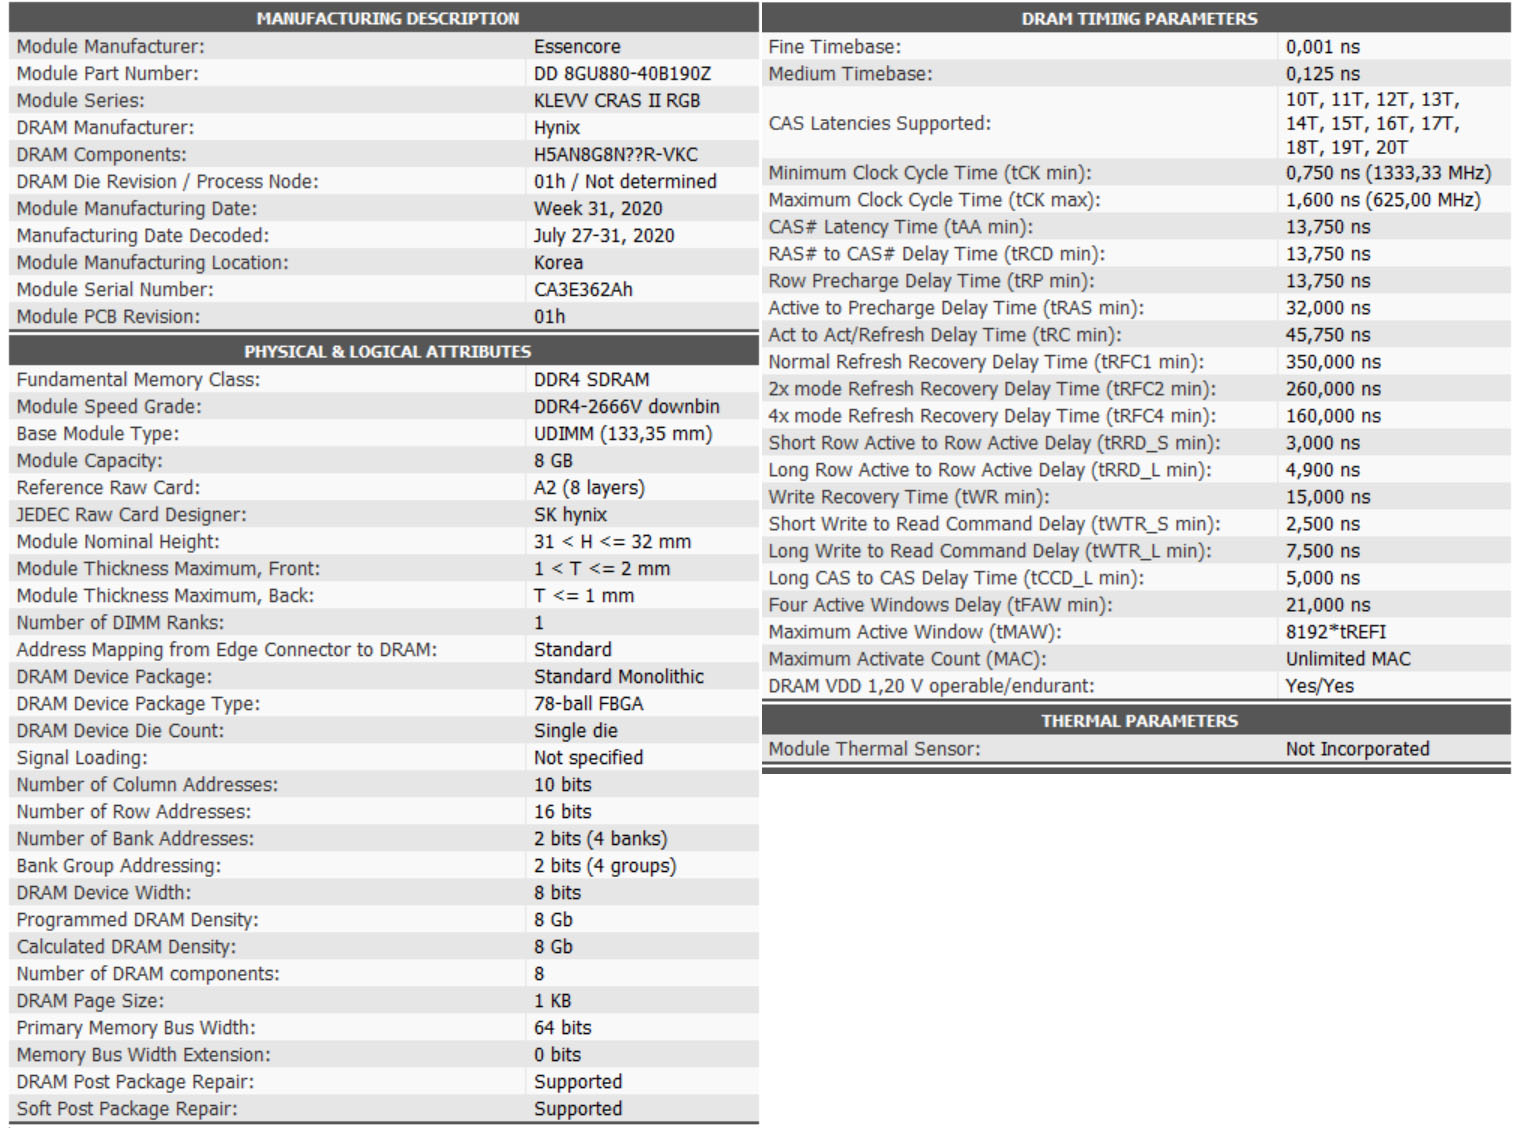 KLEVV CRAS XR RGB 16GB DDR4 4000Mhz